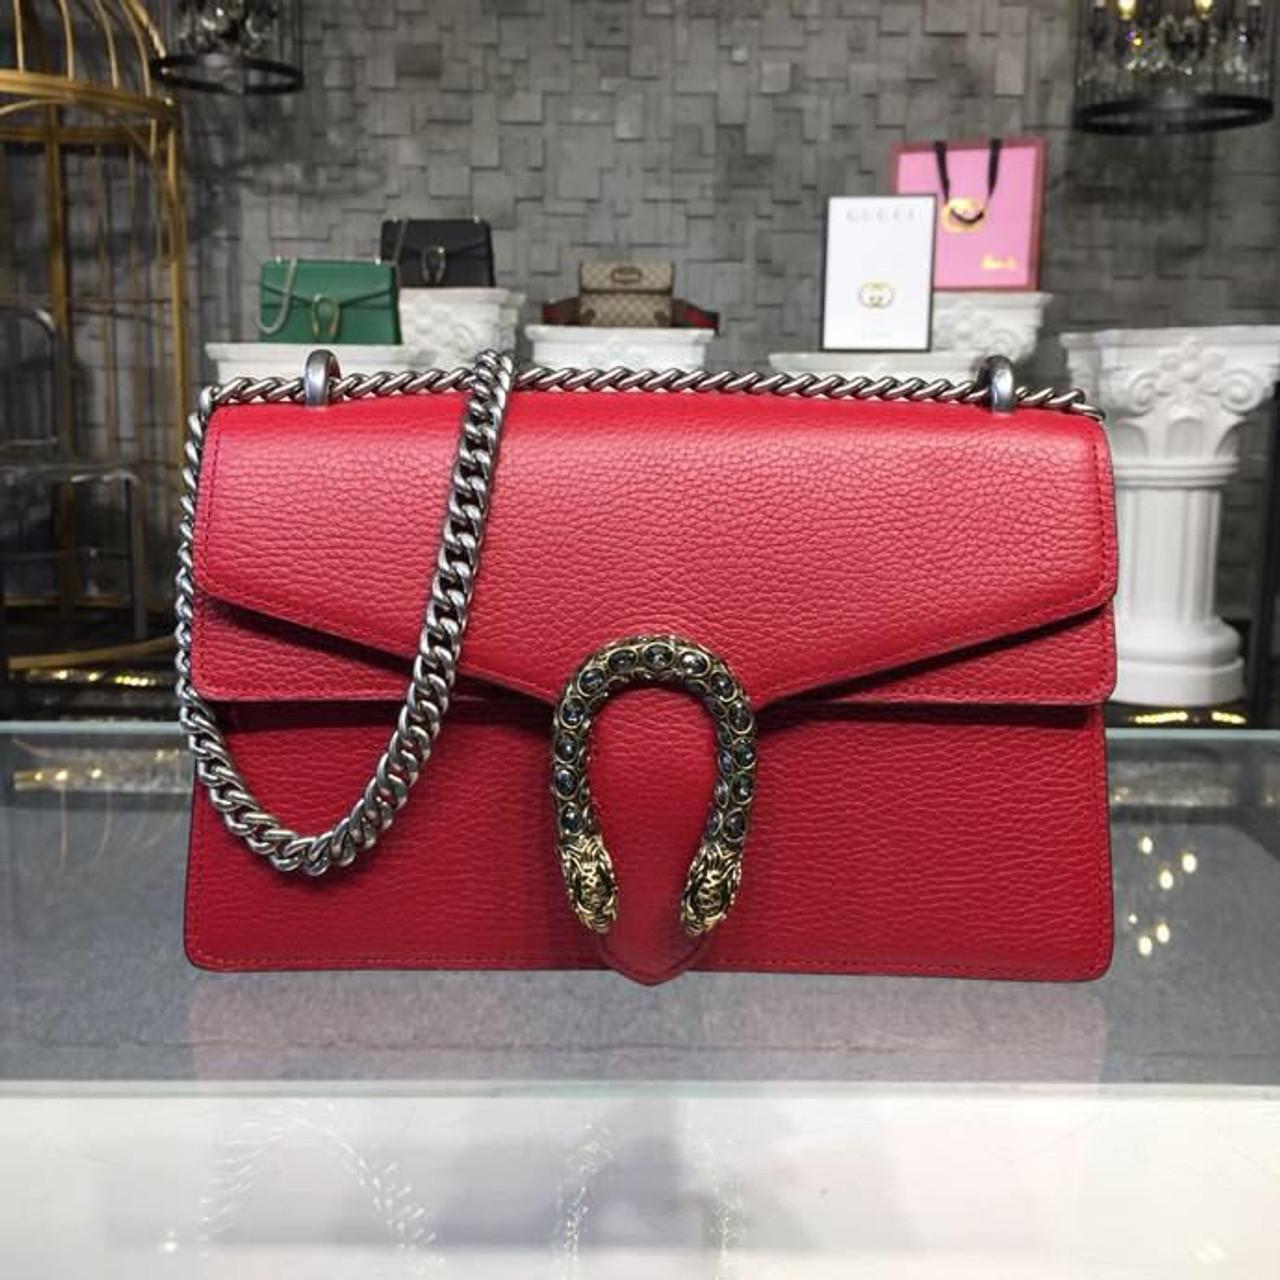 132e3cf08721 Gucci Dionysus Crystal Shoulder Bag 28cm 400249 Calfskin Leather  Spring Summer 2018 Collection